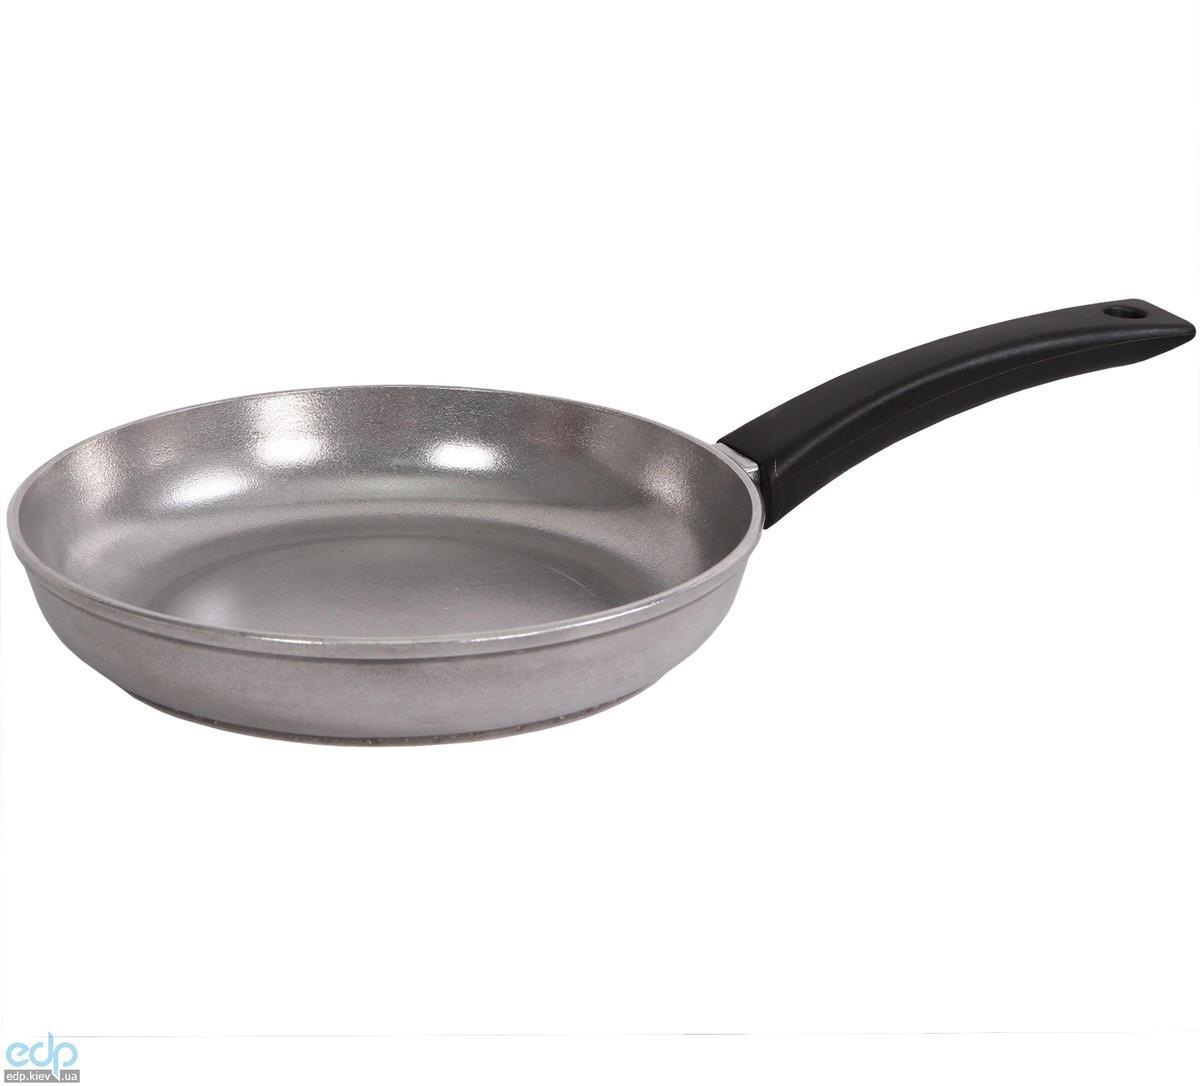 Биол - Сковорода алюминиевая без крышки Линия Блеск диаметр 28 см (2804Б)